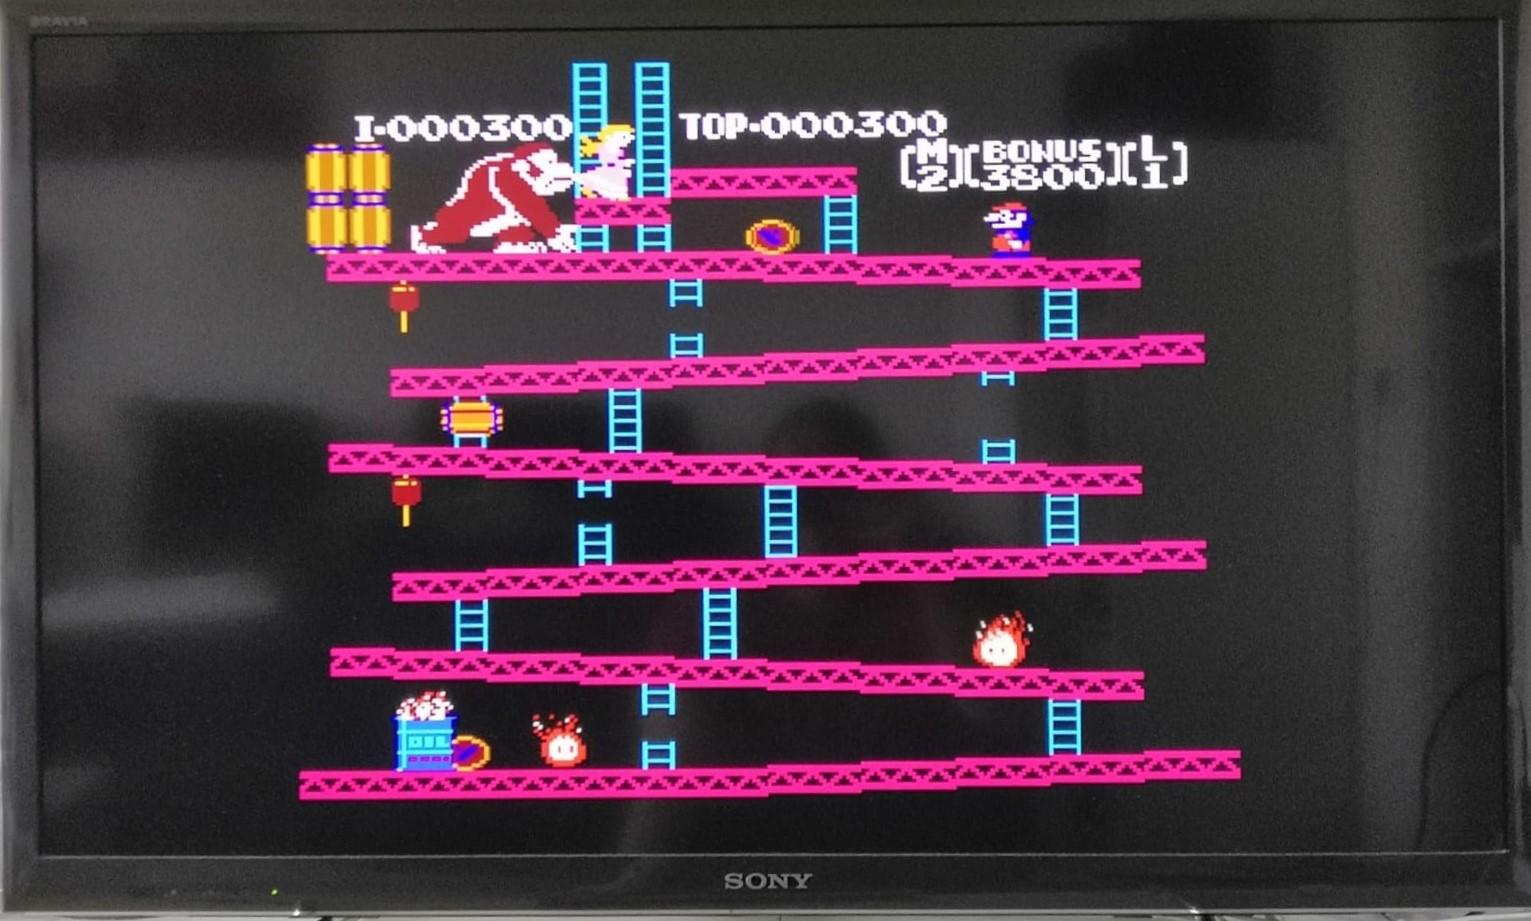 Das klassische Donkey Kong - hier auf einem NES Classic Mini. (Bild: Christian Rohde)